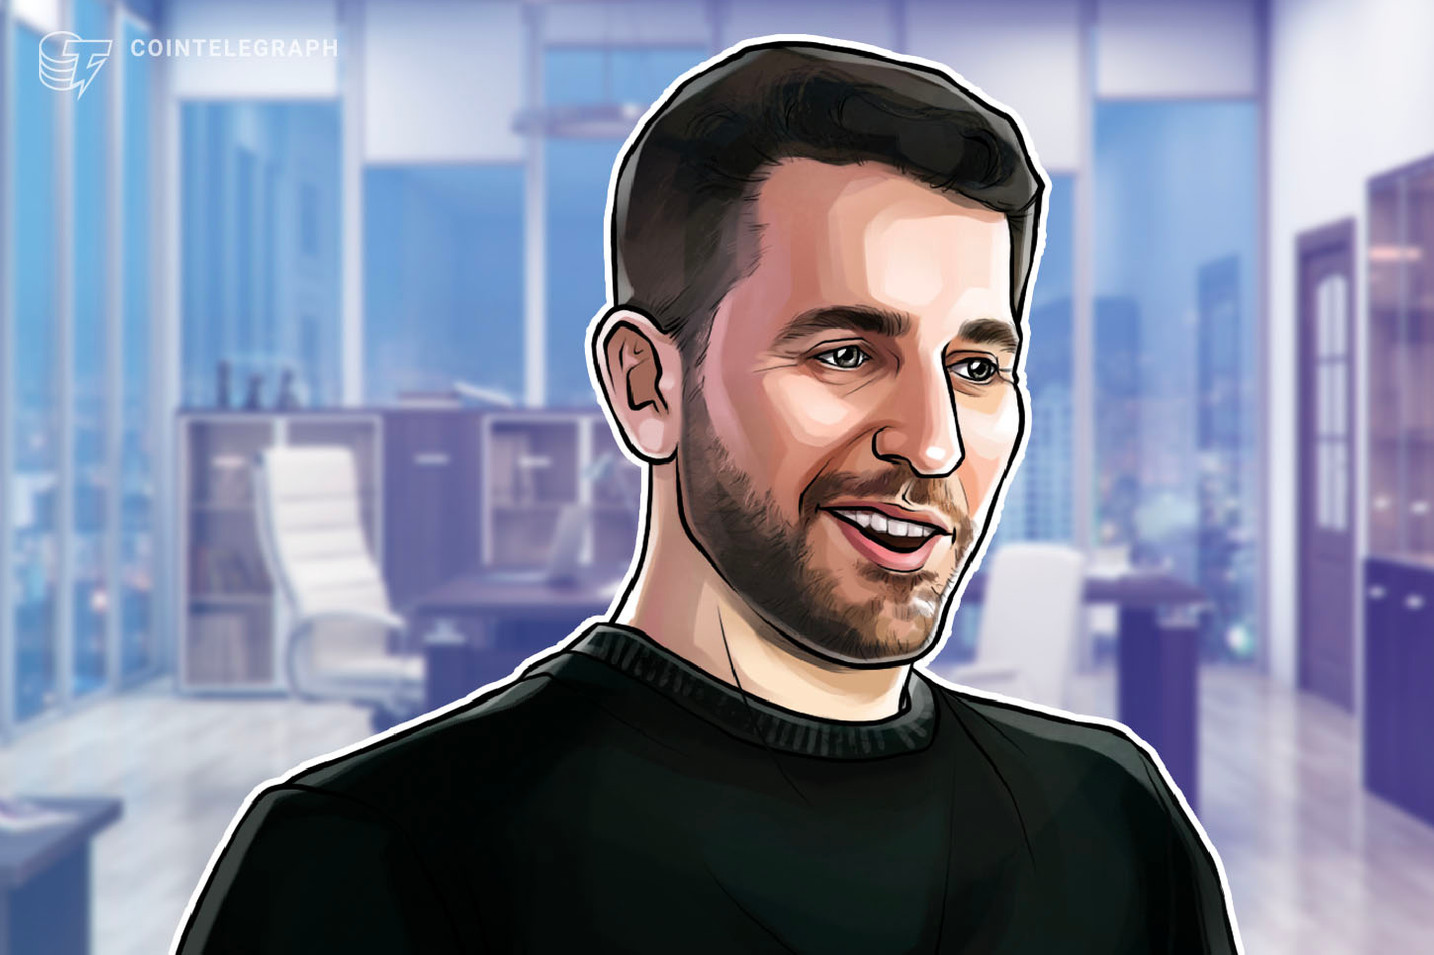 """Anthony Pompliano: El desacoplamiento de Bitcoin y las acciones demuestra que BTC es el """"refugio seguro definitivo"""""""